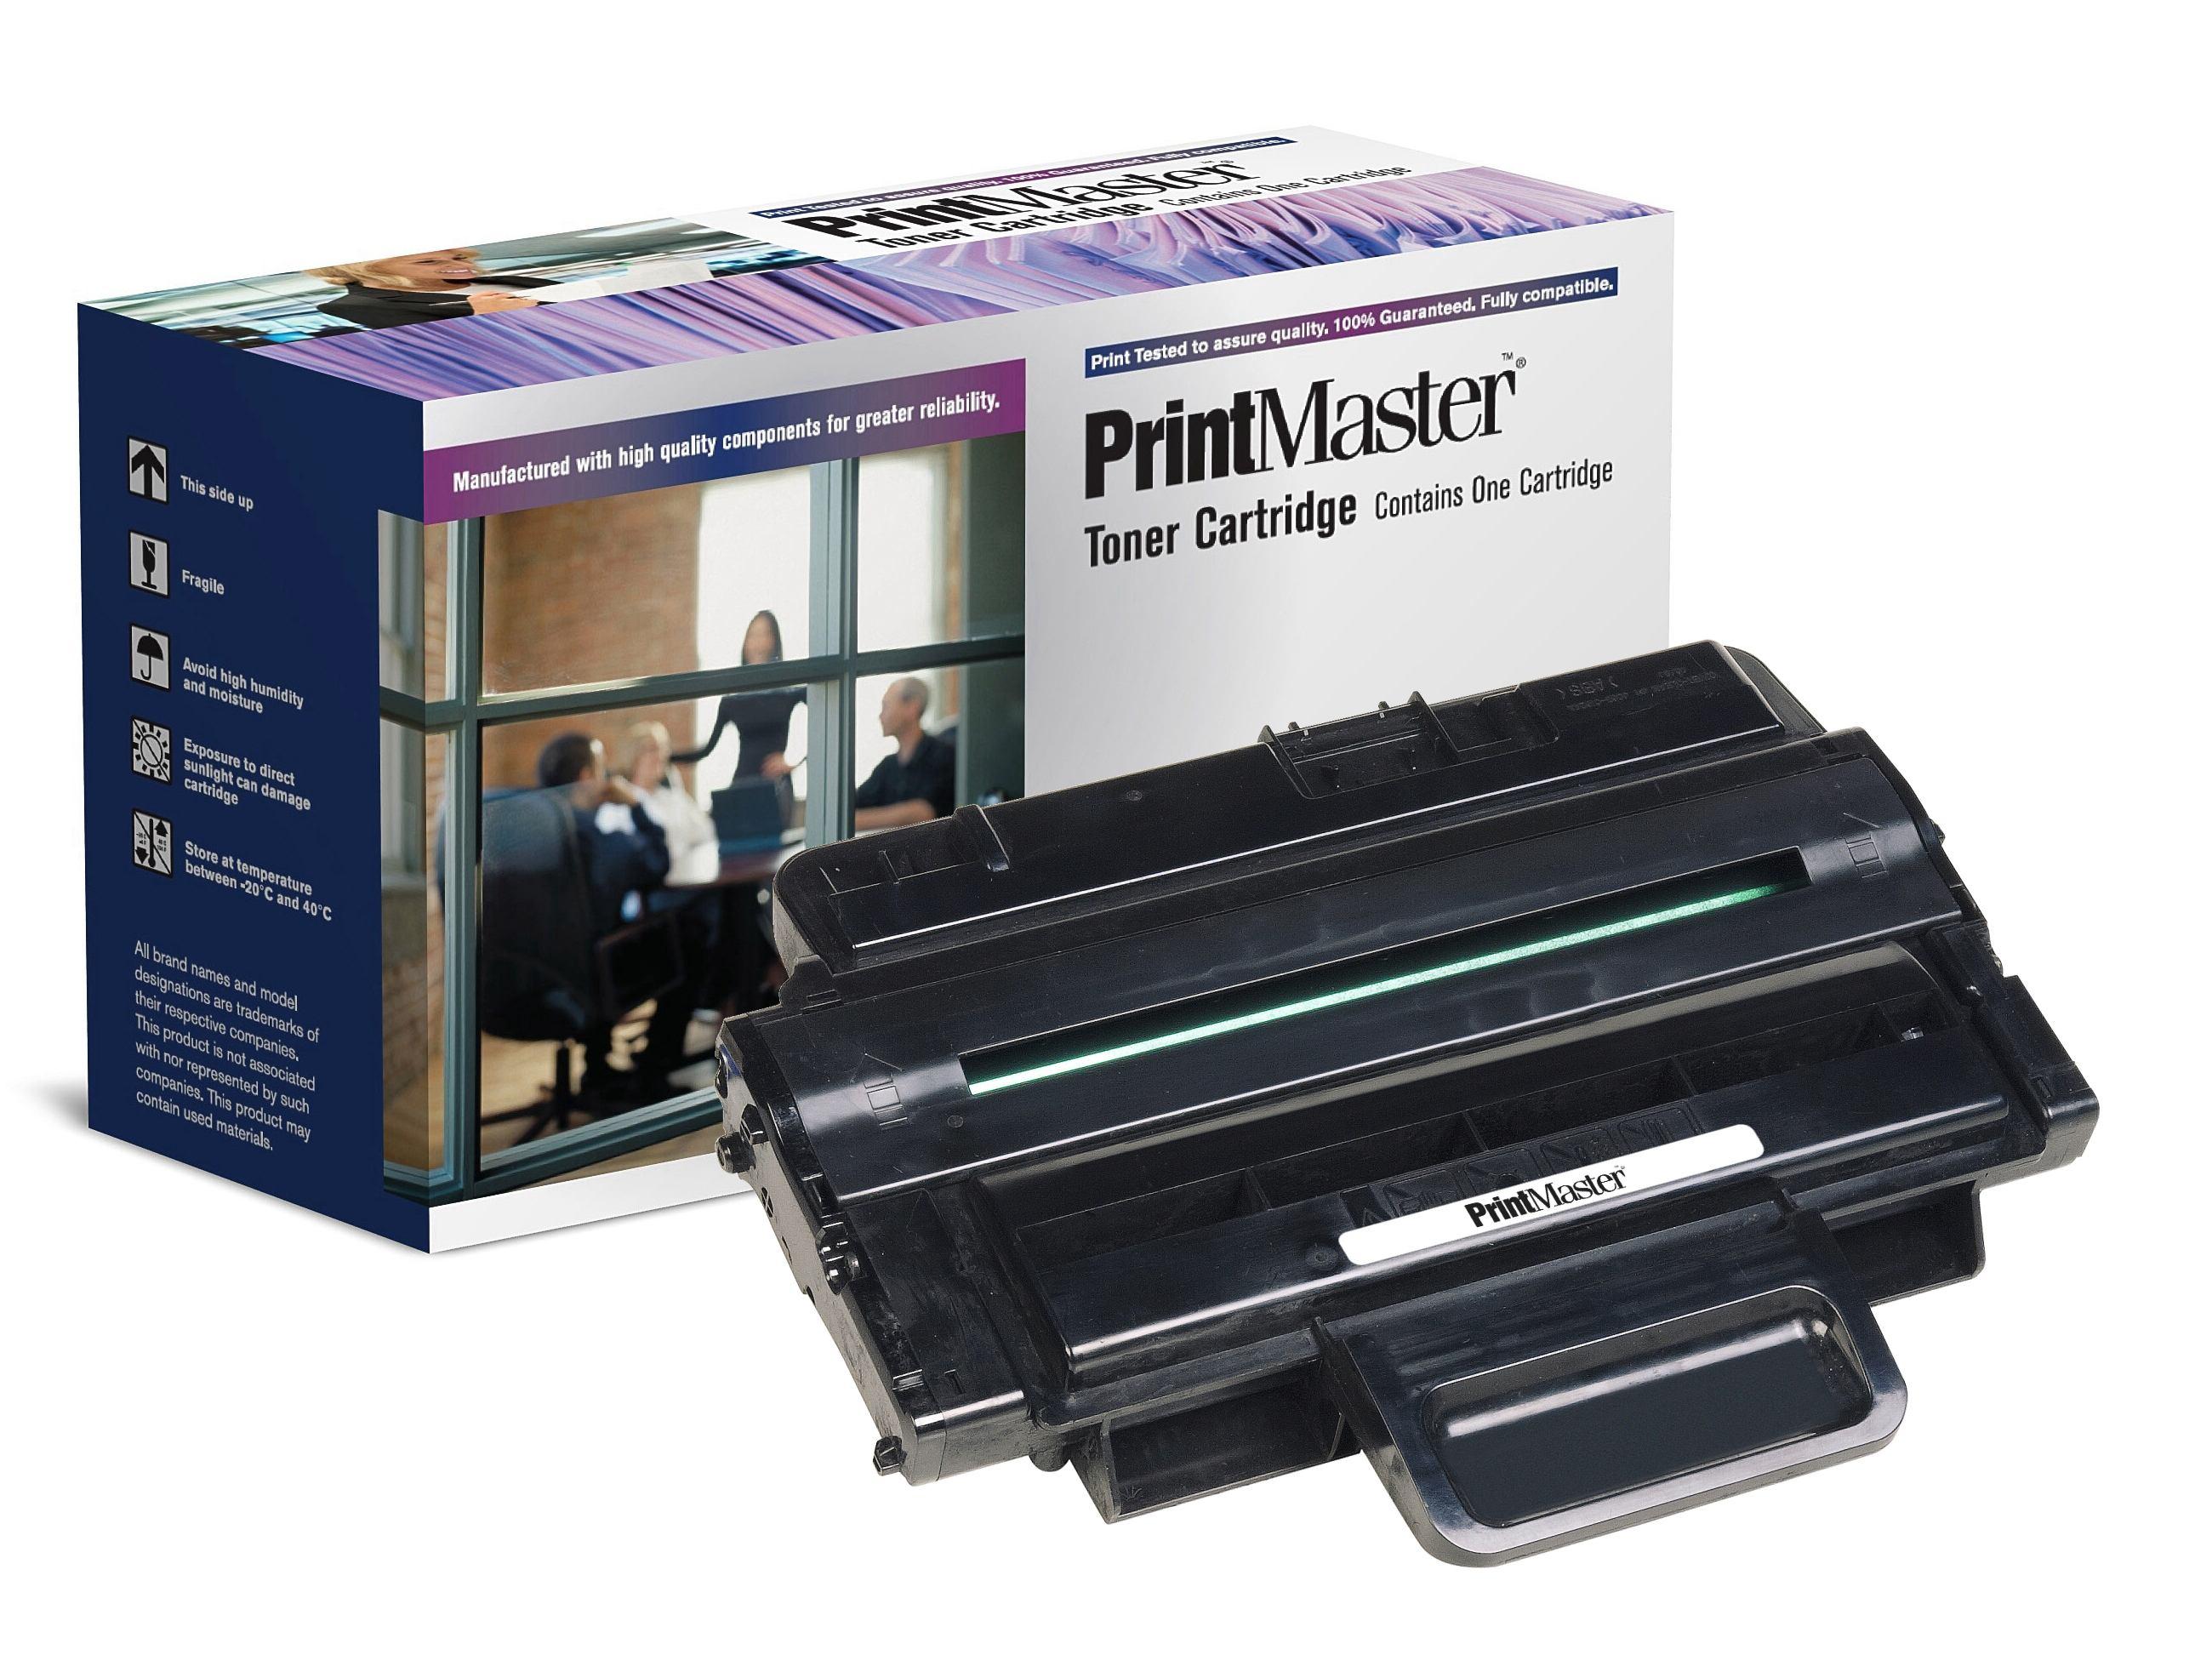 PrintMaster SCX-4824Fn Toner 5K